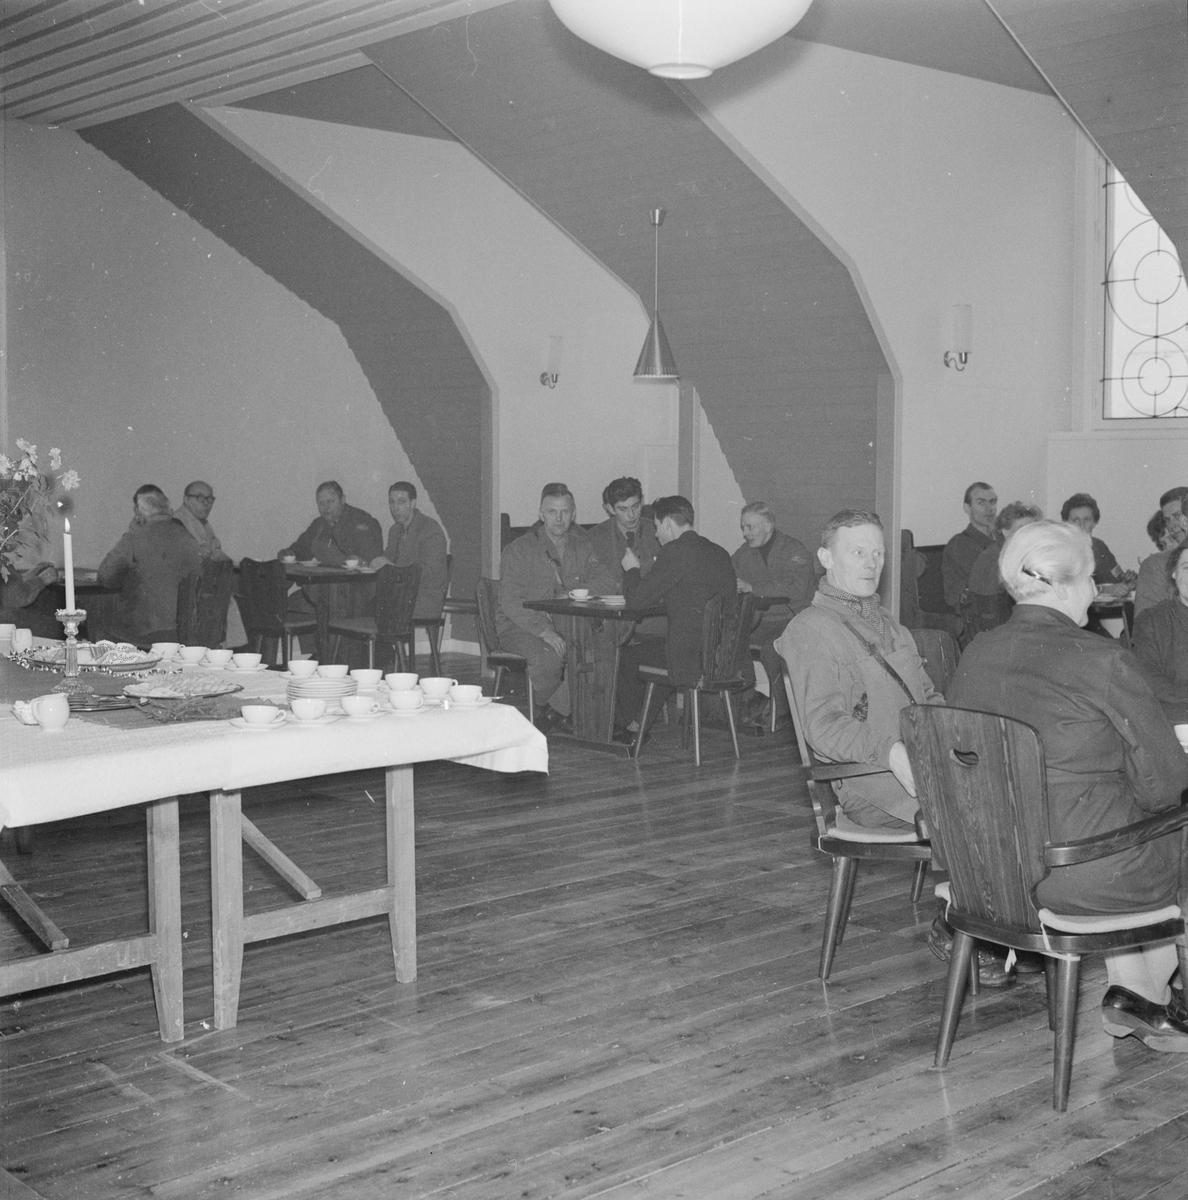 Lucia på Bayerska bryggeriet, Uppsala 1958